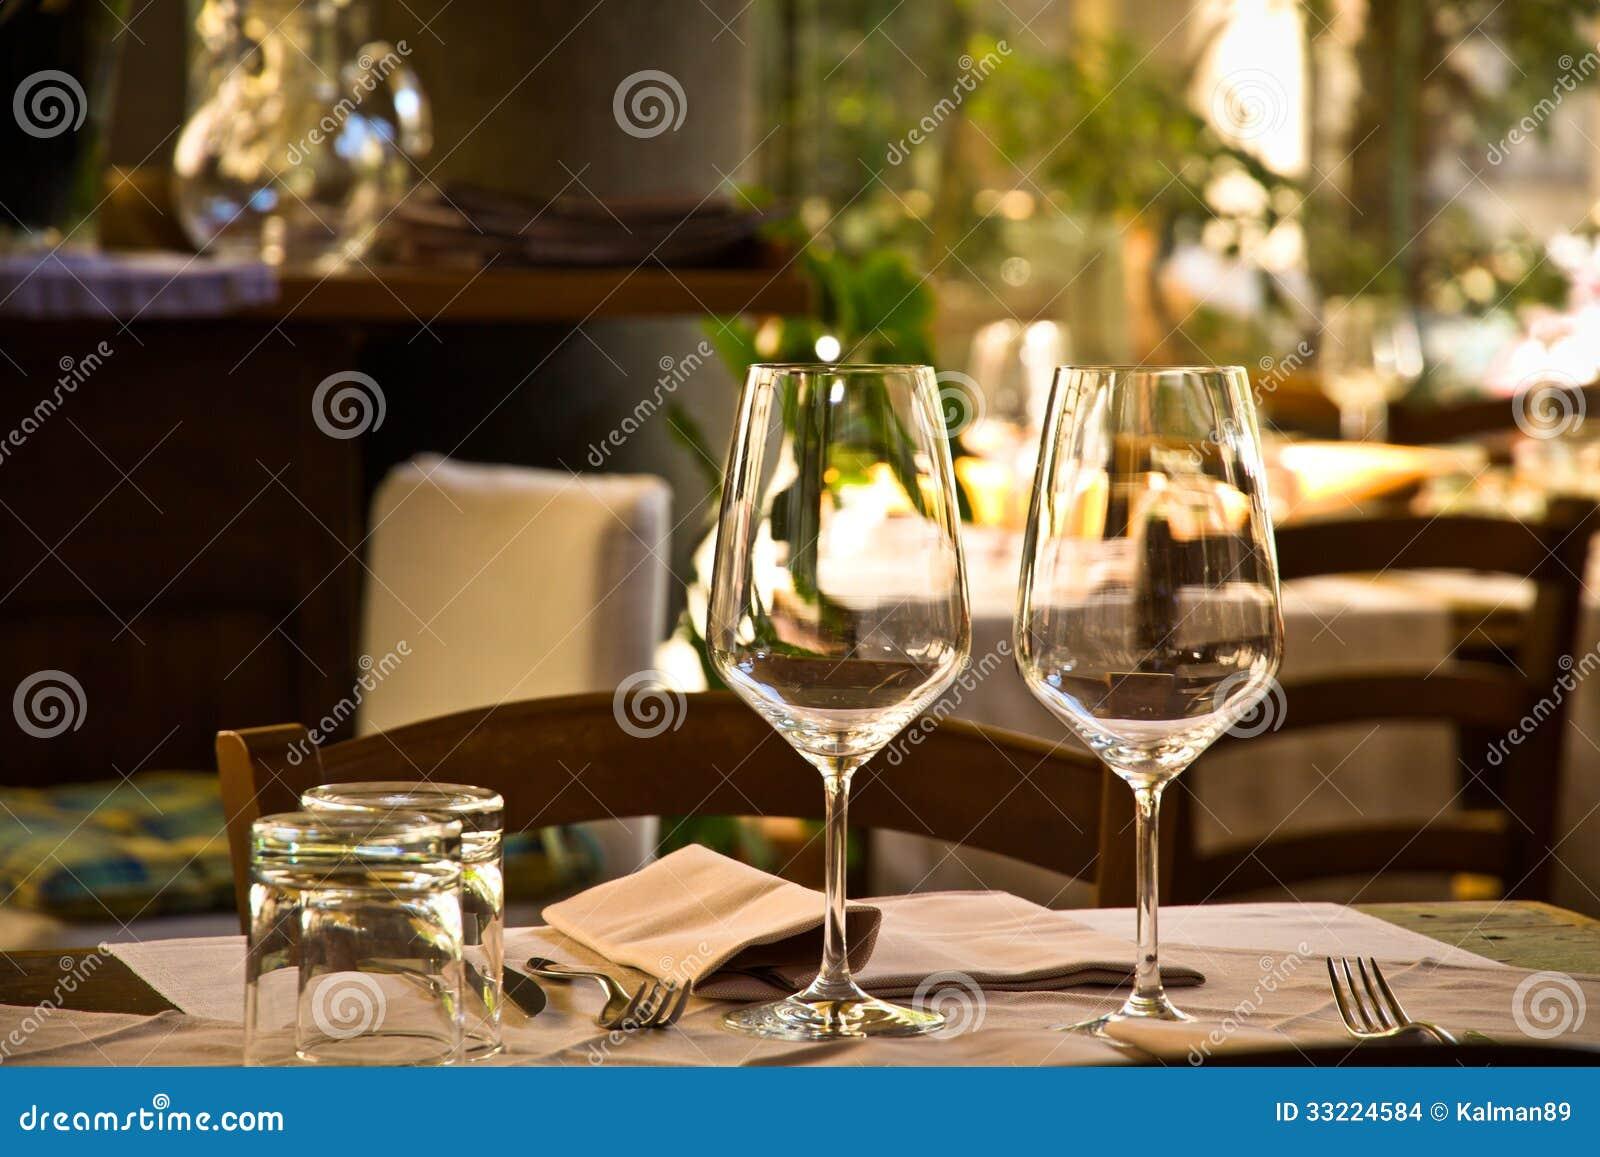 Weingläser Und -Gedeck Im Restaurant Stockfoto - Bild von aufbau ...